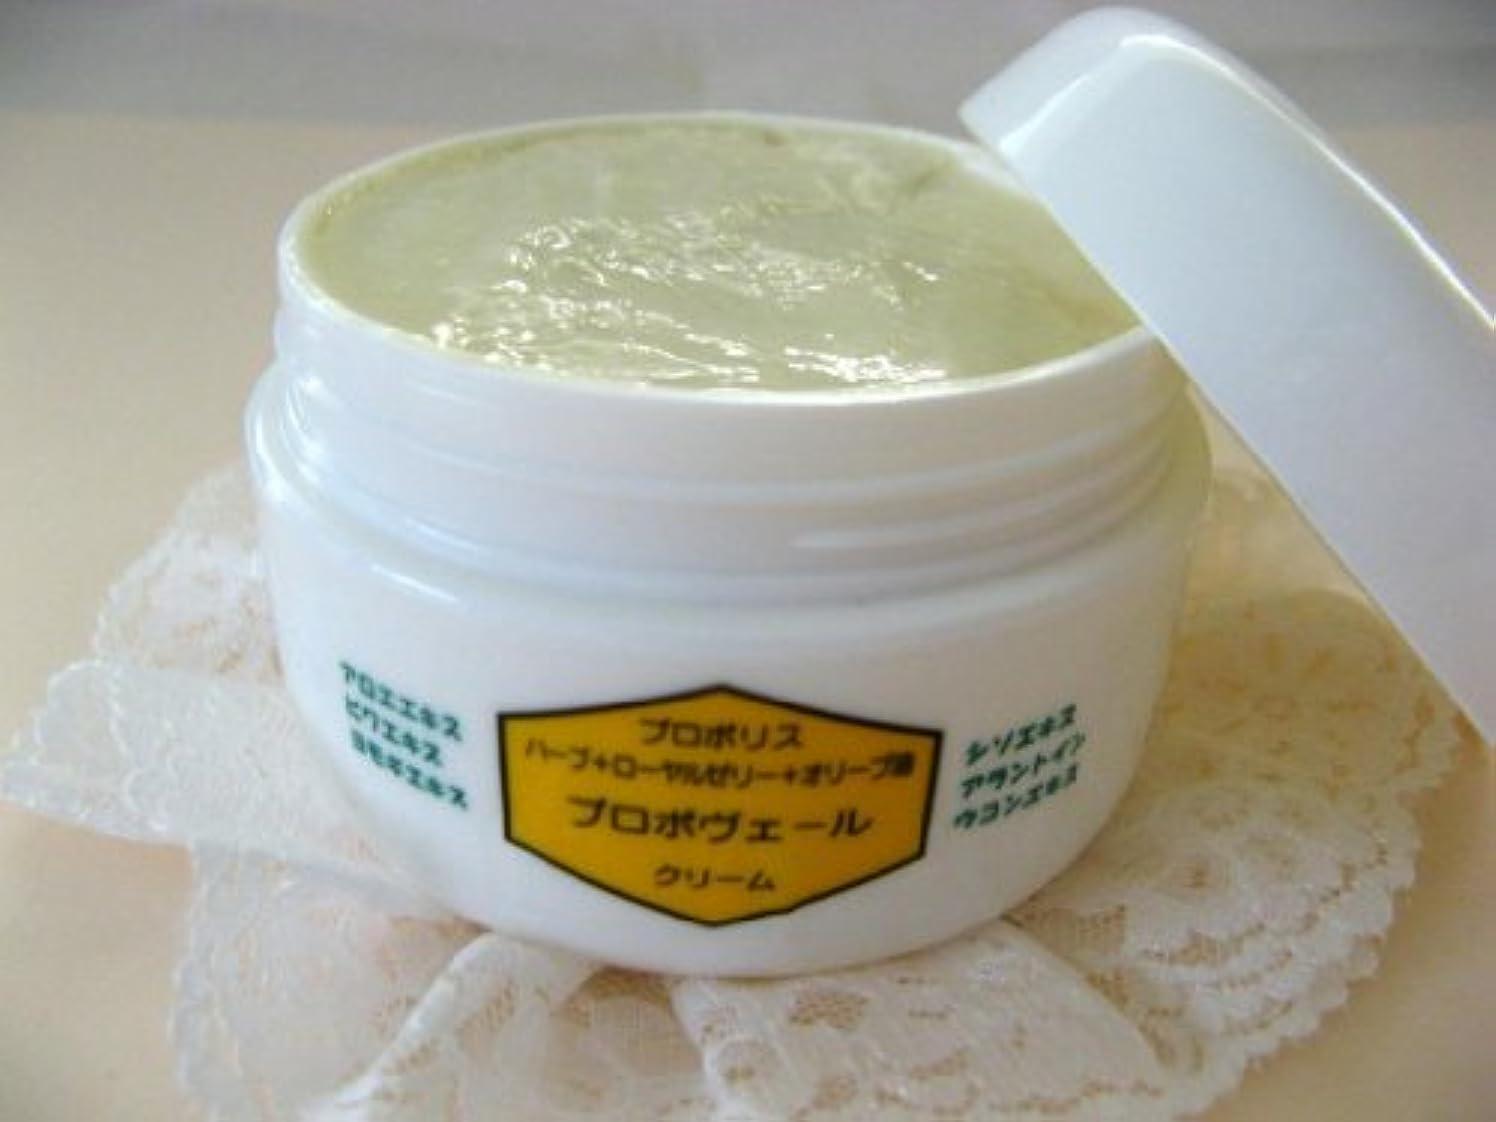 コンテンポラリー奨励質素なプロポヴェールクリーム プロポリス配合全身クリーム  お肌の健康を護る栄養クリーム 120g容器入り